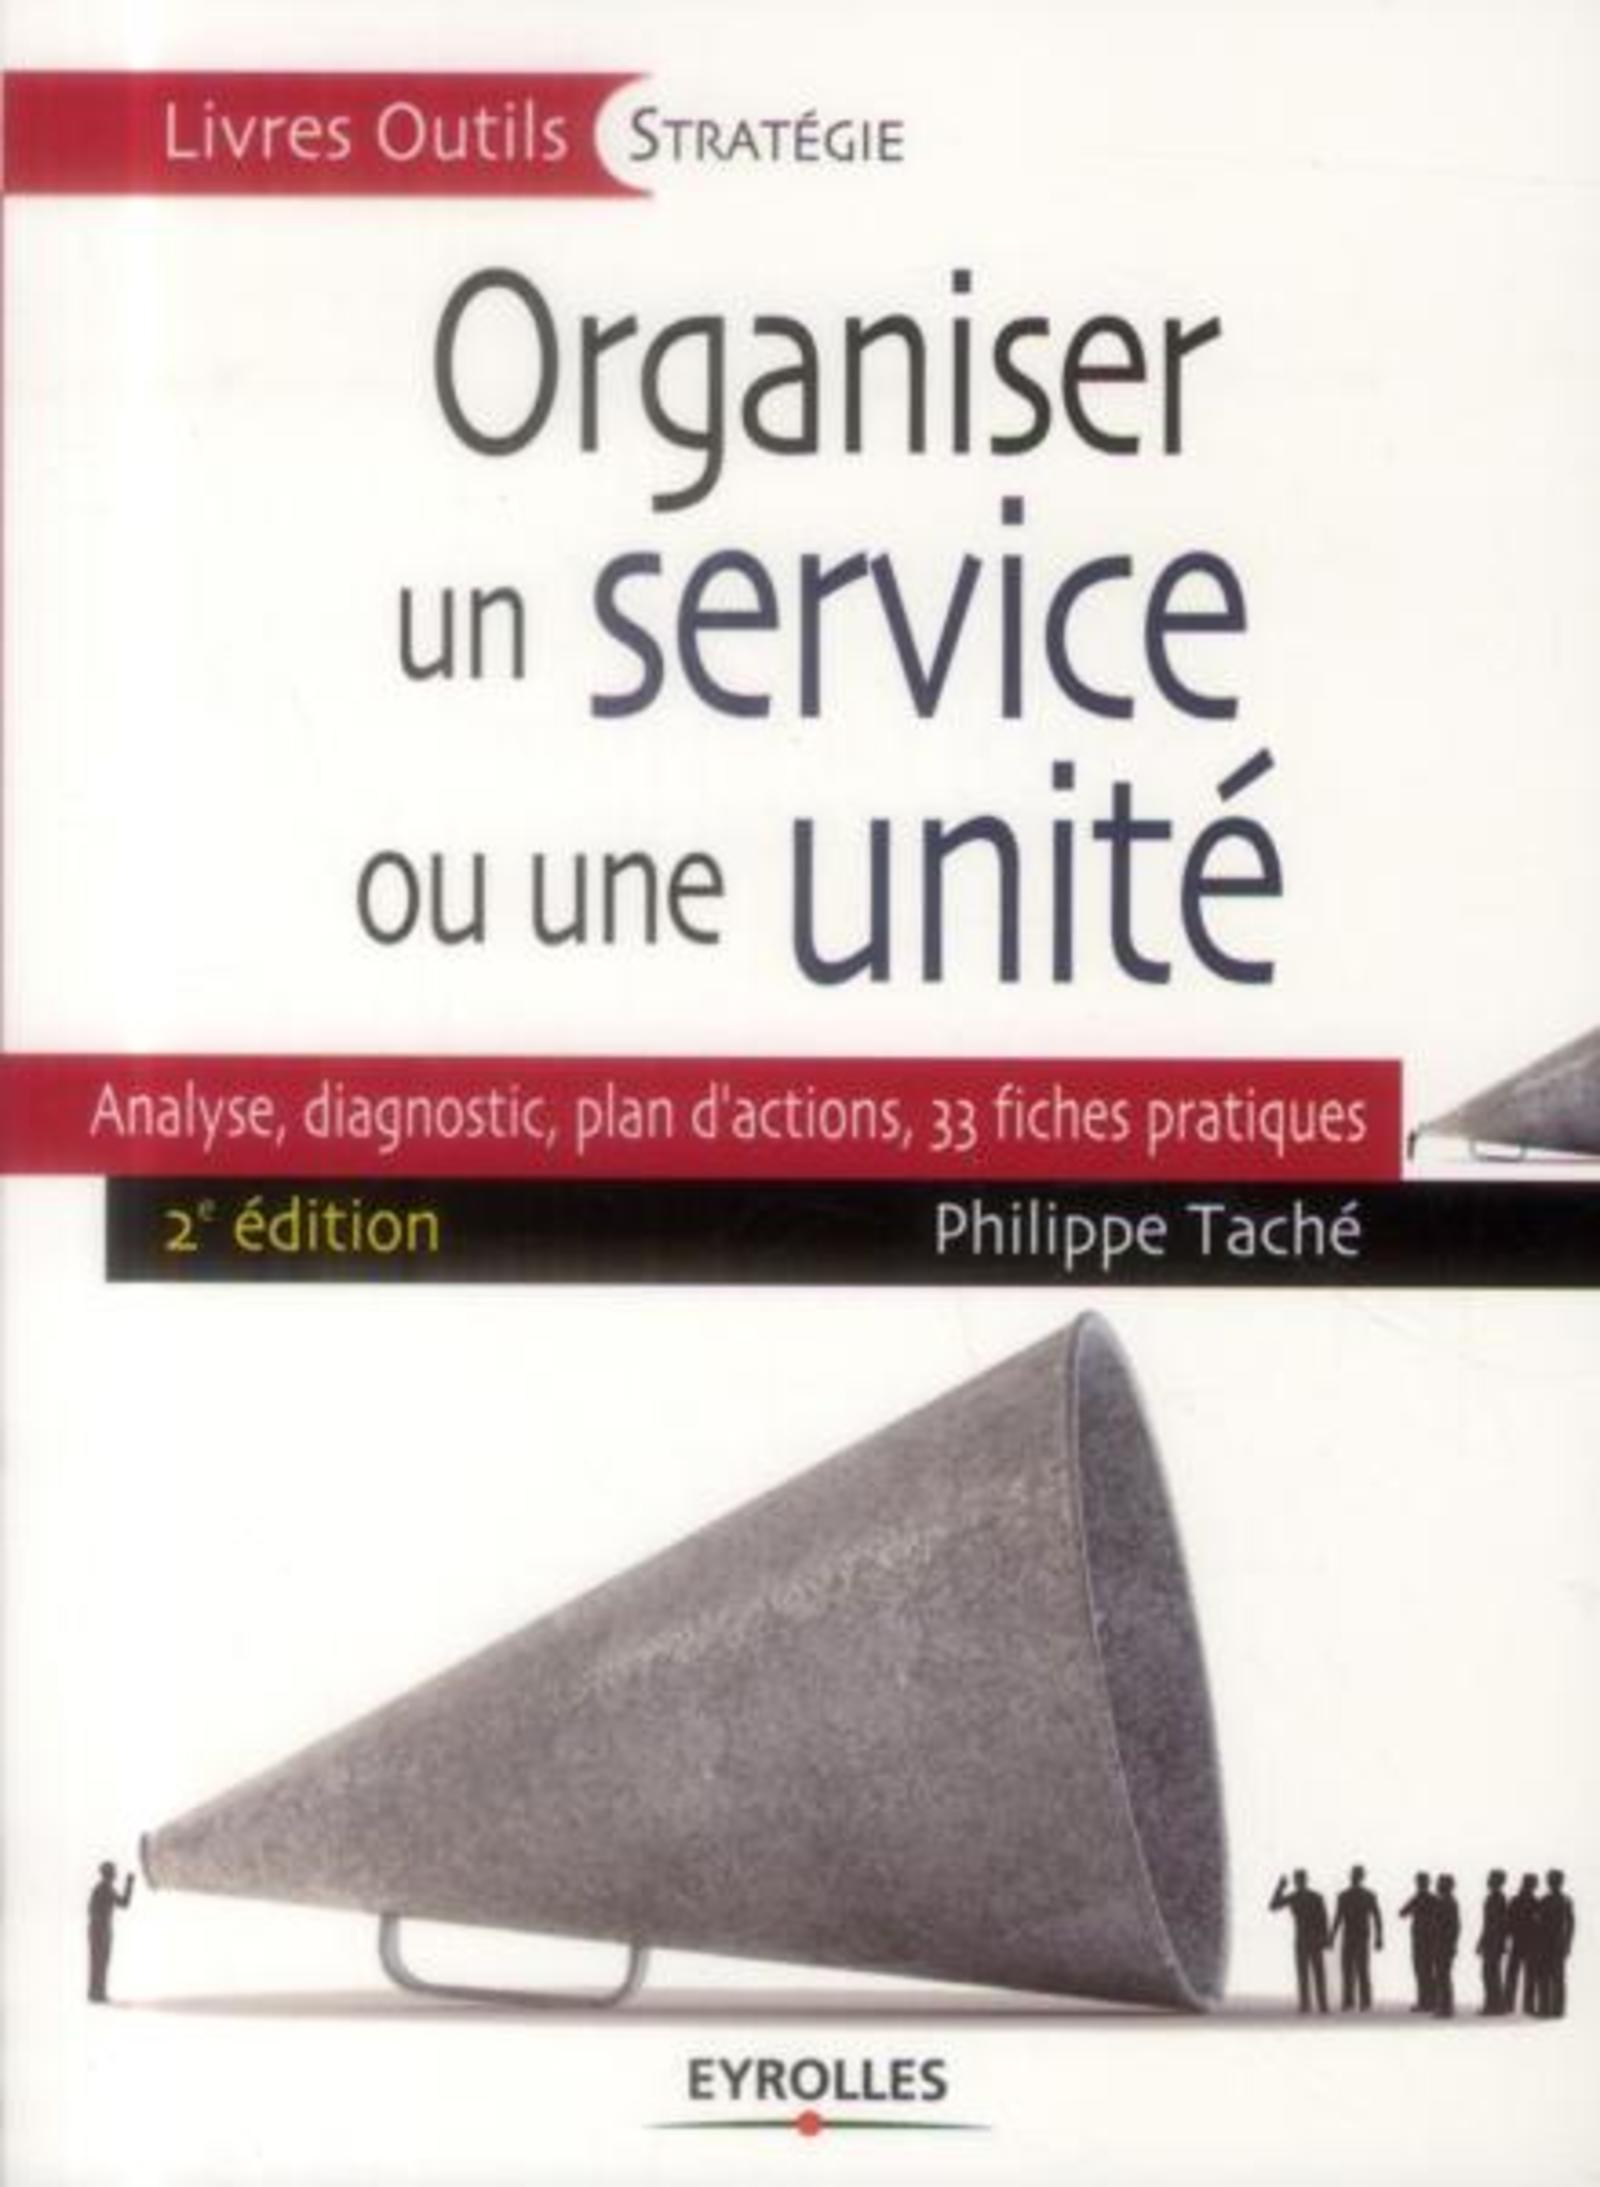 ORGANISER UN SERVICE OU UNE UNITE - ANALYSE, DIAGNOSTIC, PLAN D'ACTIONS, 33 FICHES PRATIQUES.